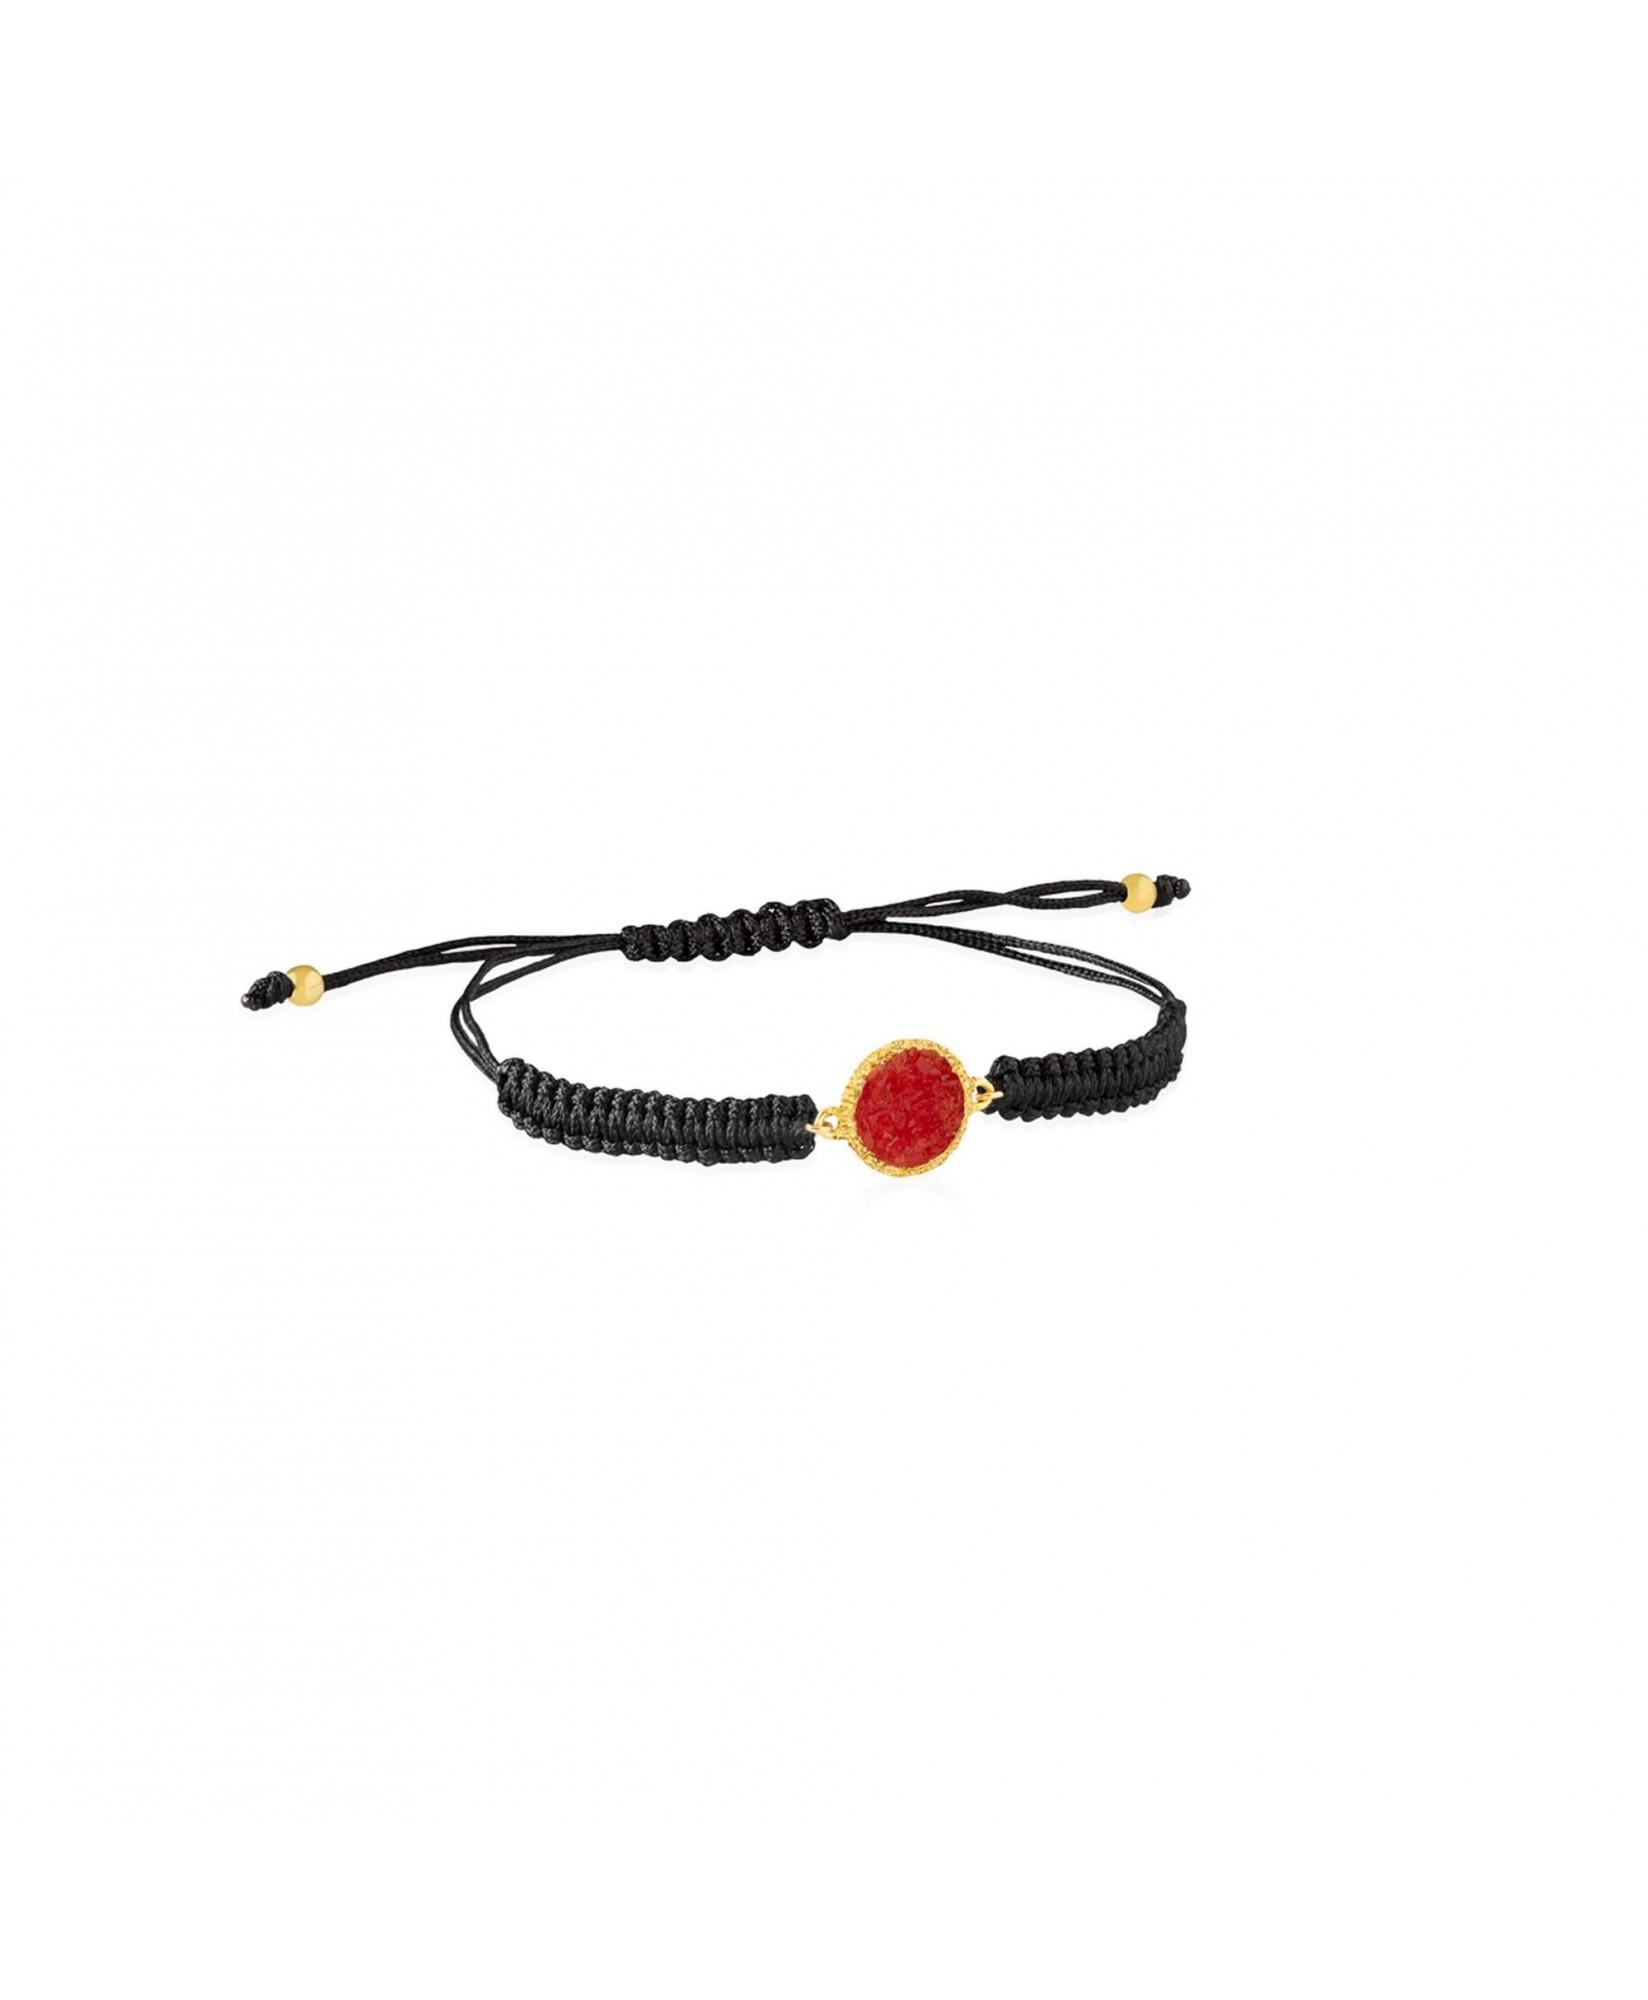 Pulsera de cordón y oro Love con nácar rojo Pulsera de cordón y oro Love con nácar rojo